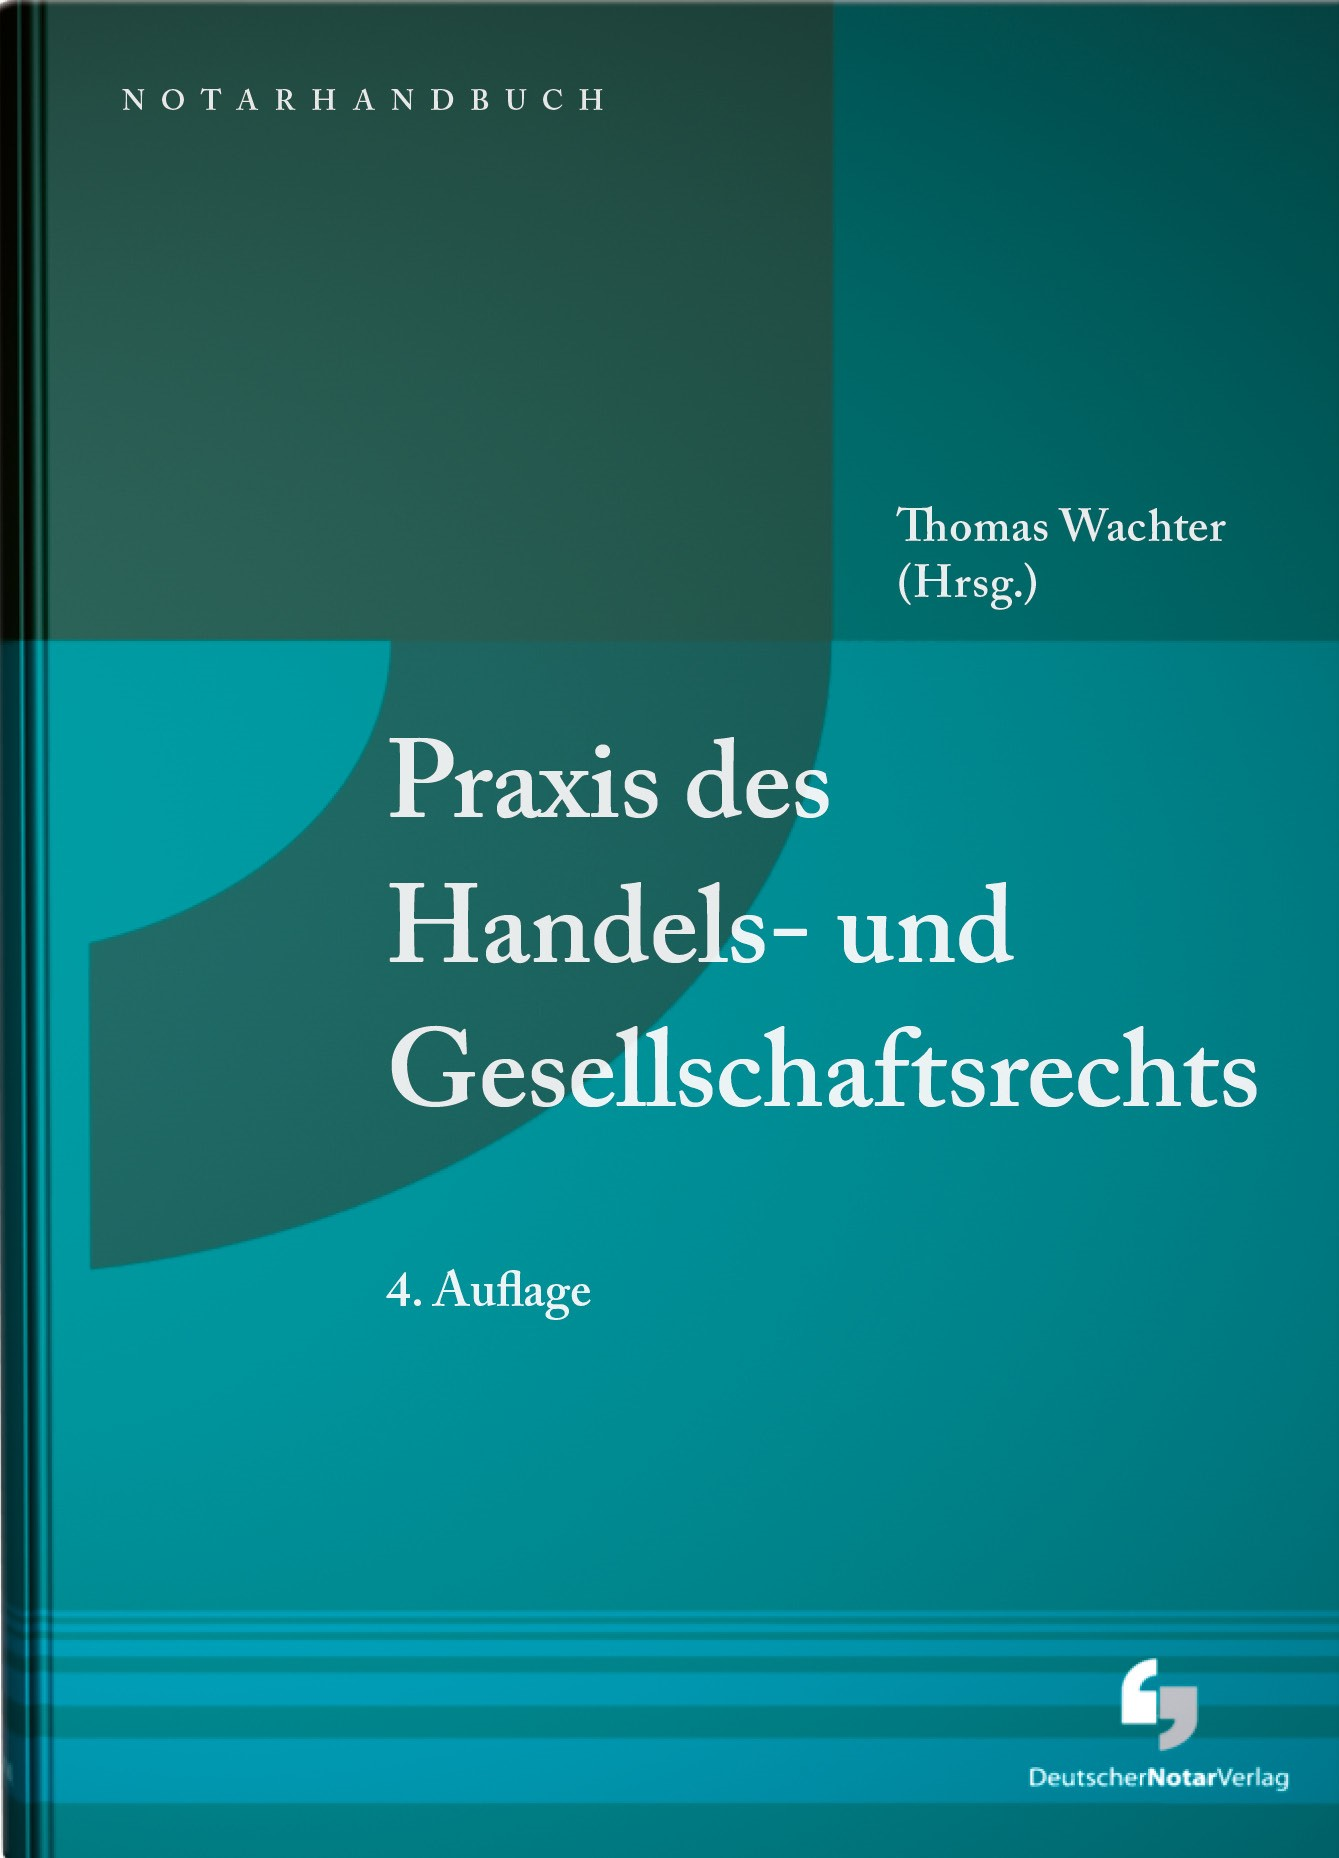 Praxis des Handels- und Gesellschaftsrechts | Wachter | 4. Auflage, 2017 | Buch (Cover)